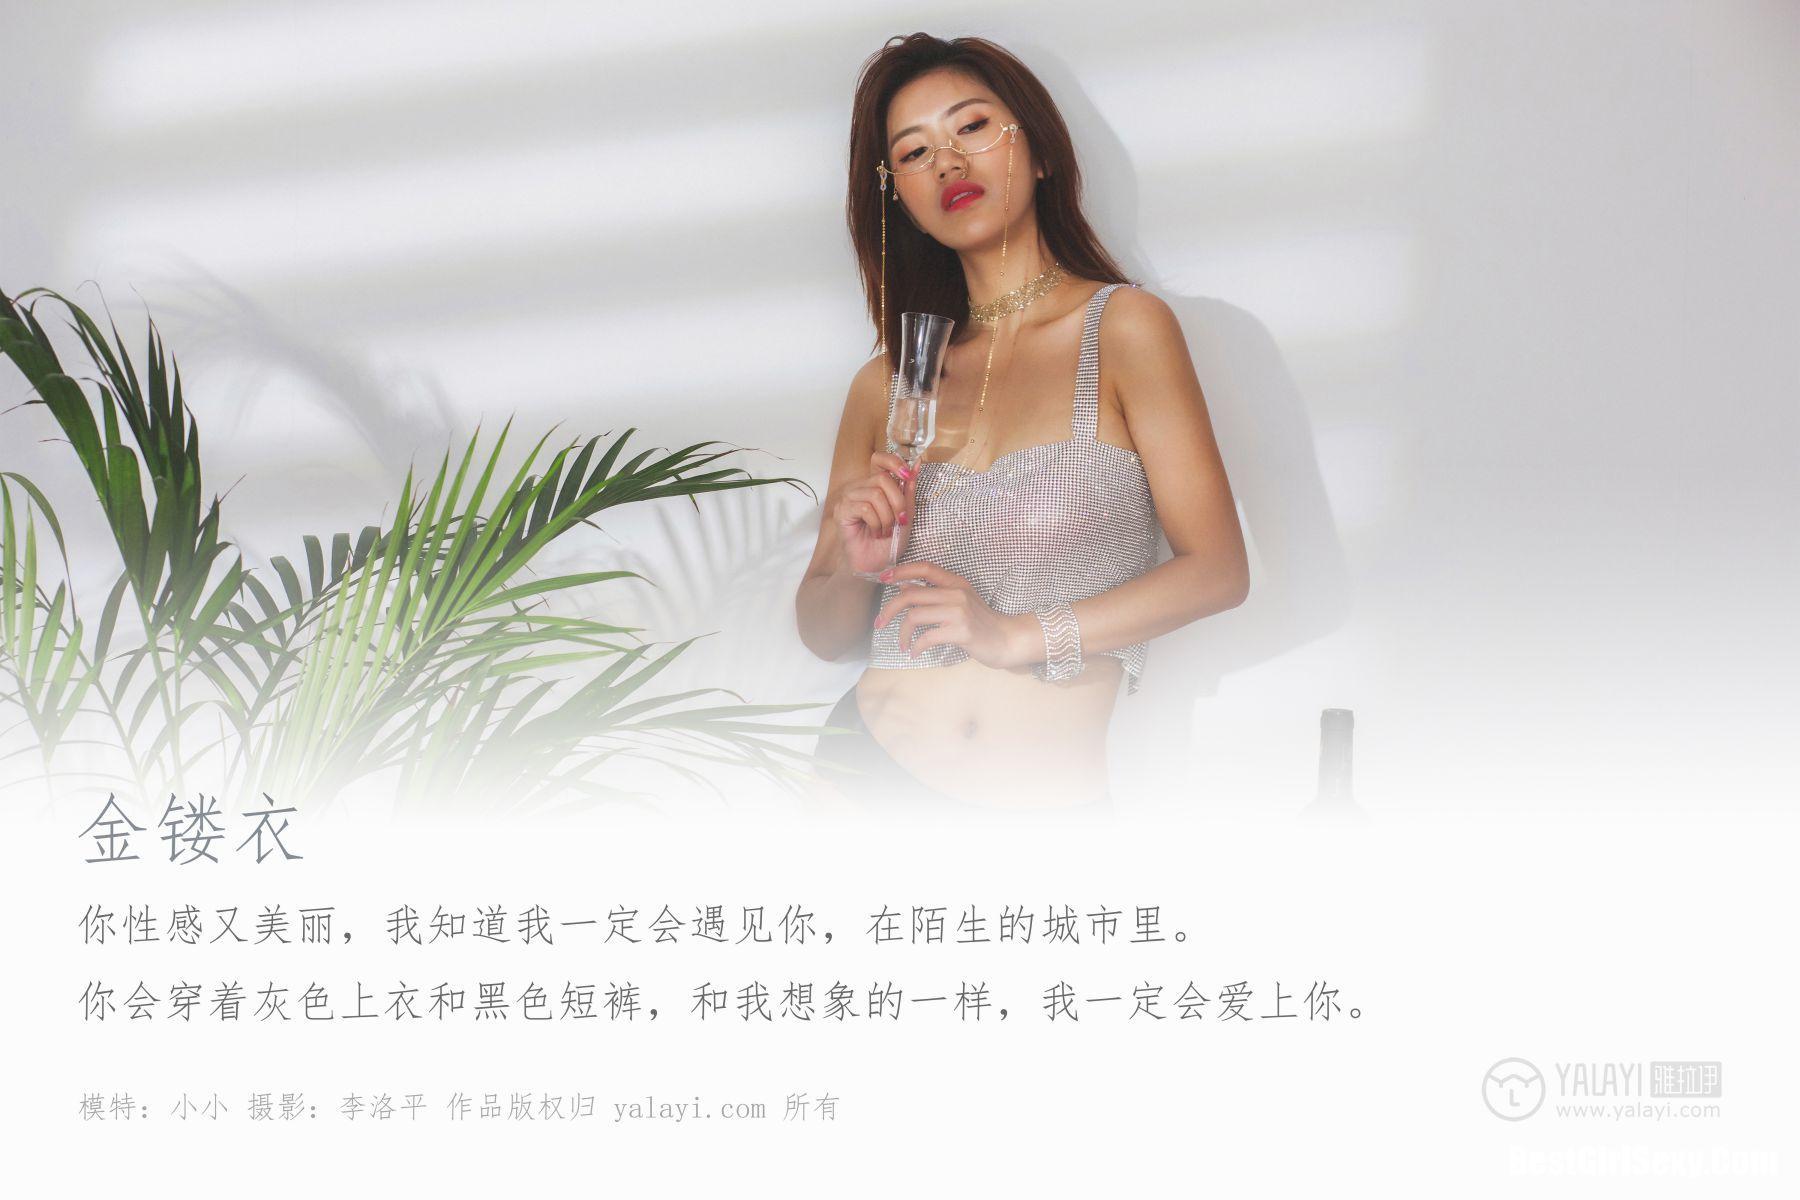 小小, YaLaYi雅拉伊 Vol.420 Xiao Xiao, YaLaYi雅拉伊 Vol.420, Xiao Xiao